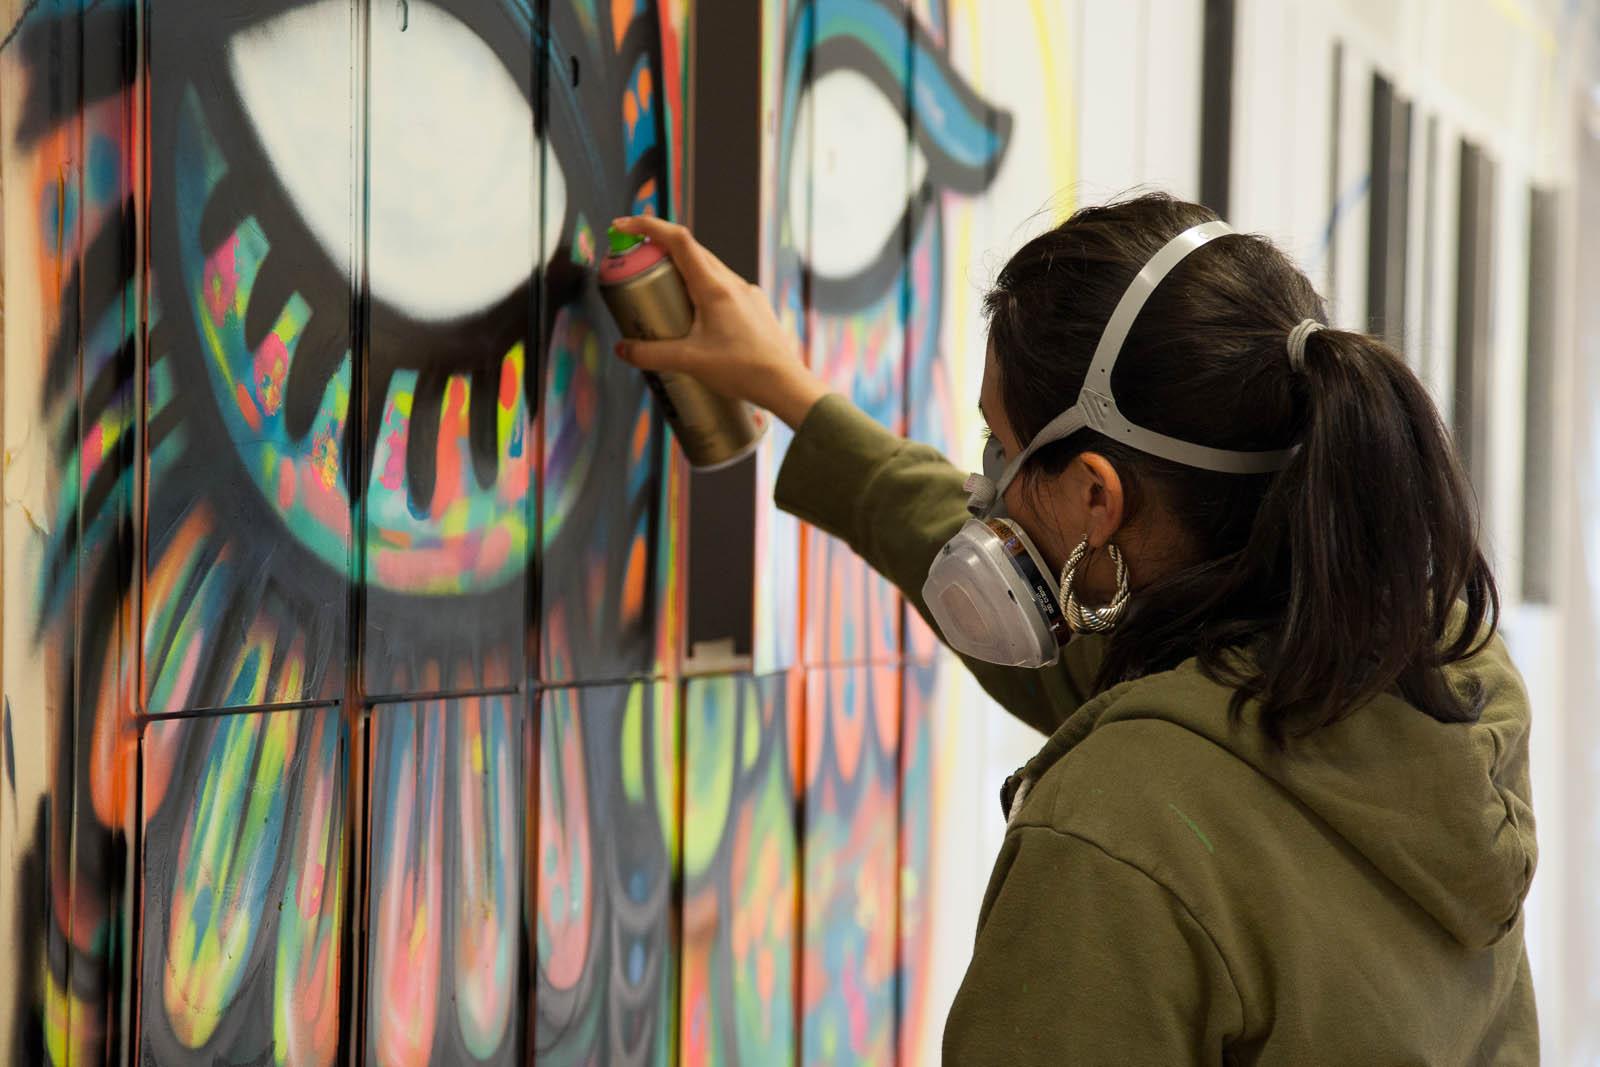 En kvinna i gasmask sprayar en färgglad fågelkvinnas ansikte på väggen. Pärra Andreasson, Vad Vi Vill